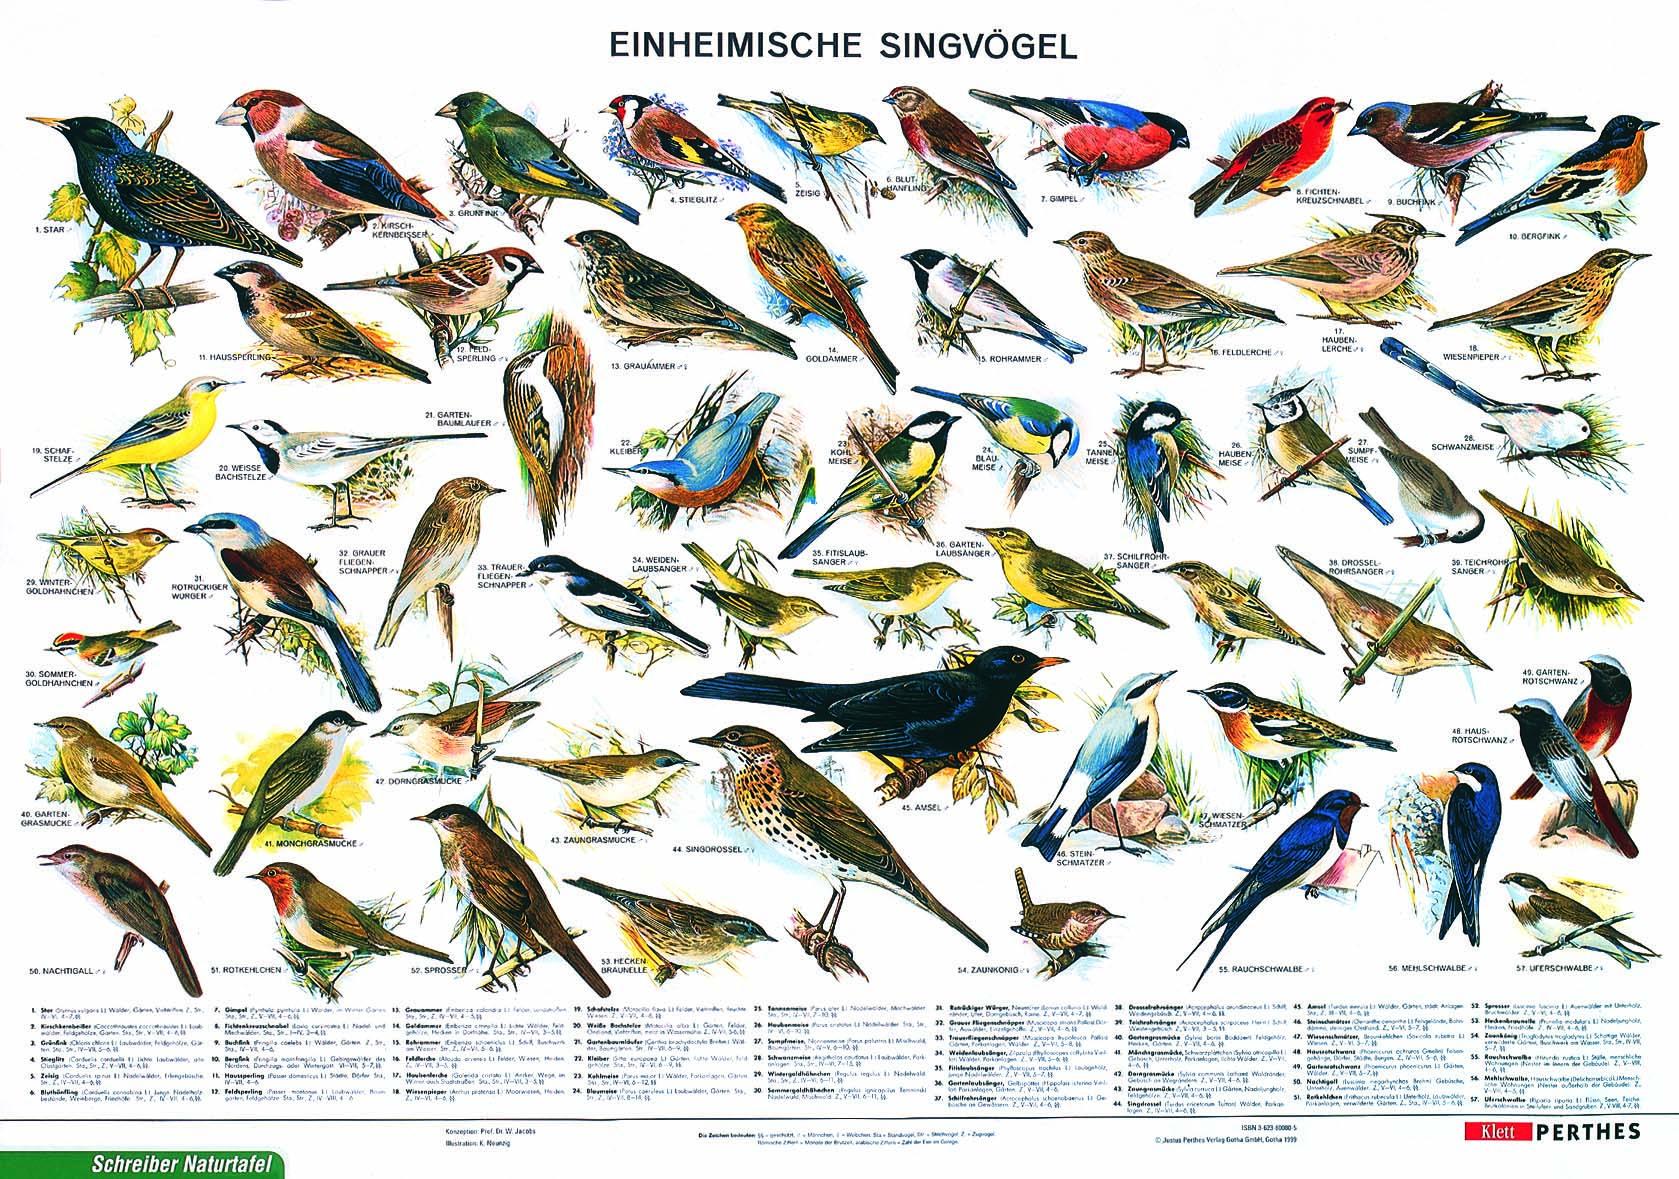 Lehrmittel Lehrtafel Einheimische Singvögel, als Poster 80082-0_schr